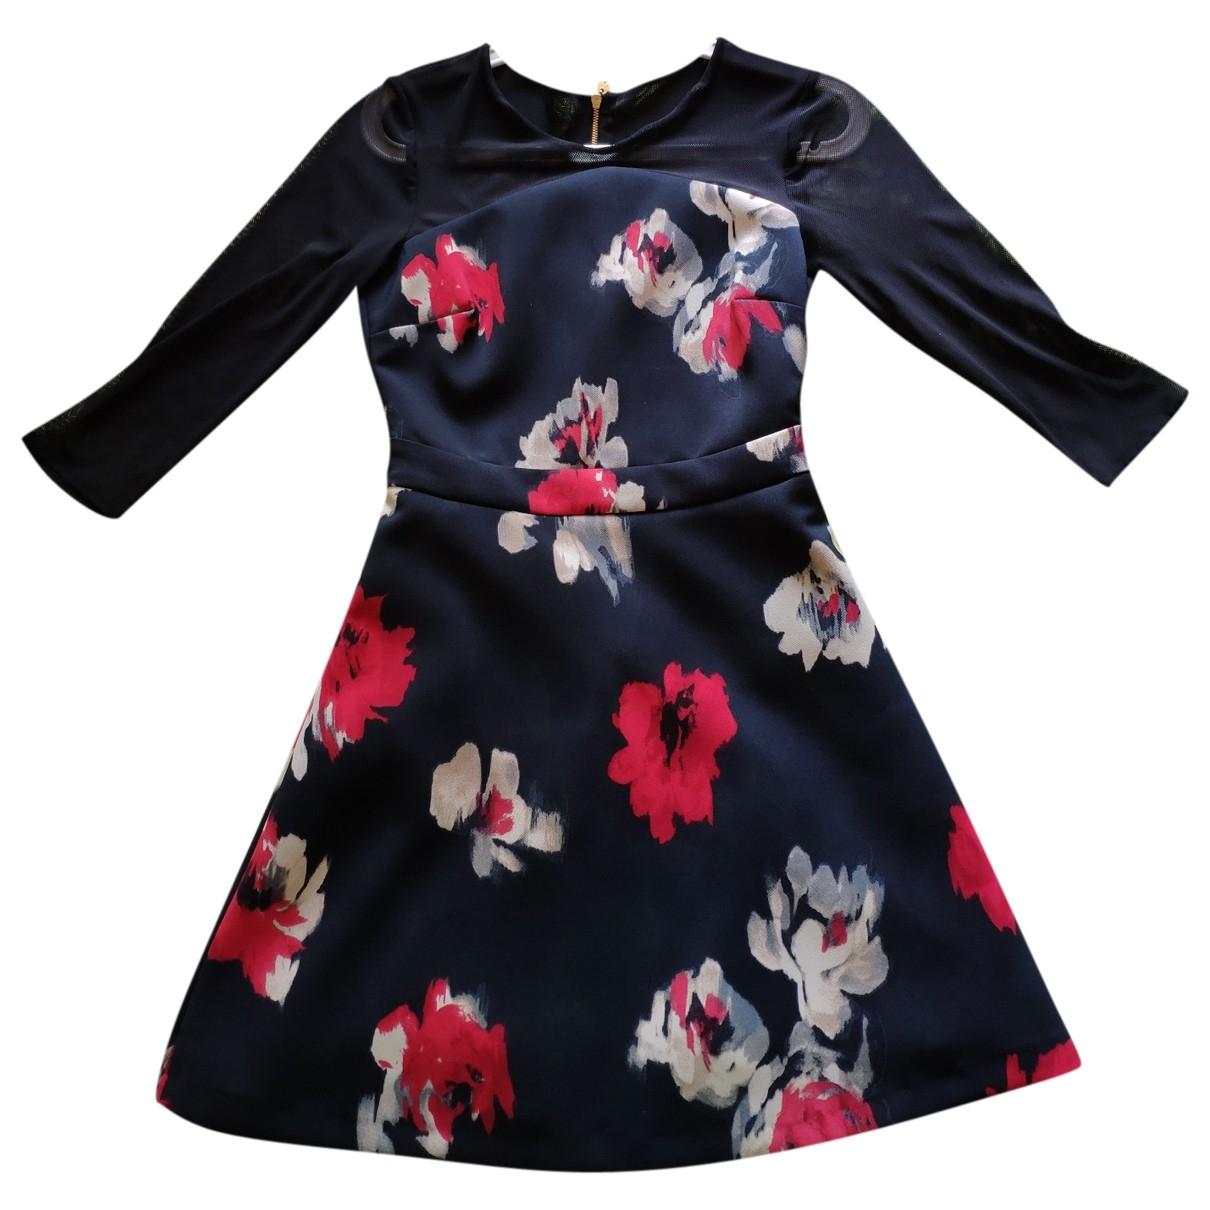 Liu.jo \N Black dress for Women 38 IT